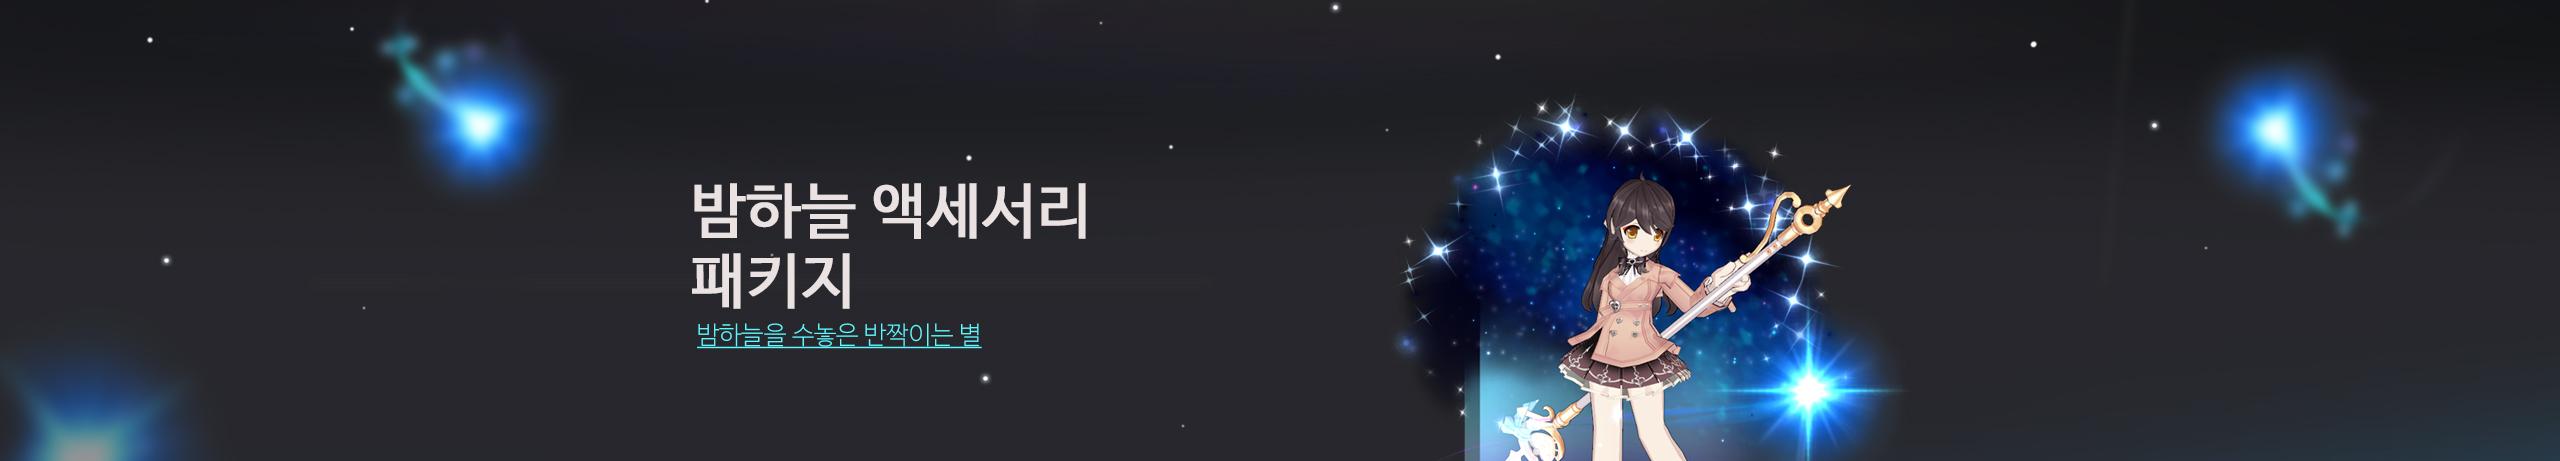 밤하늘 액세서리